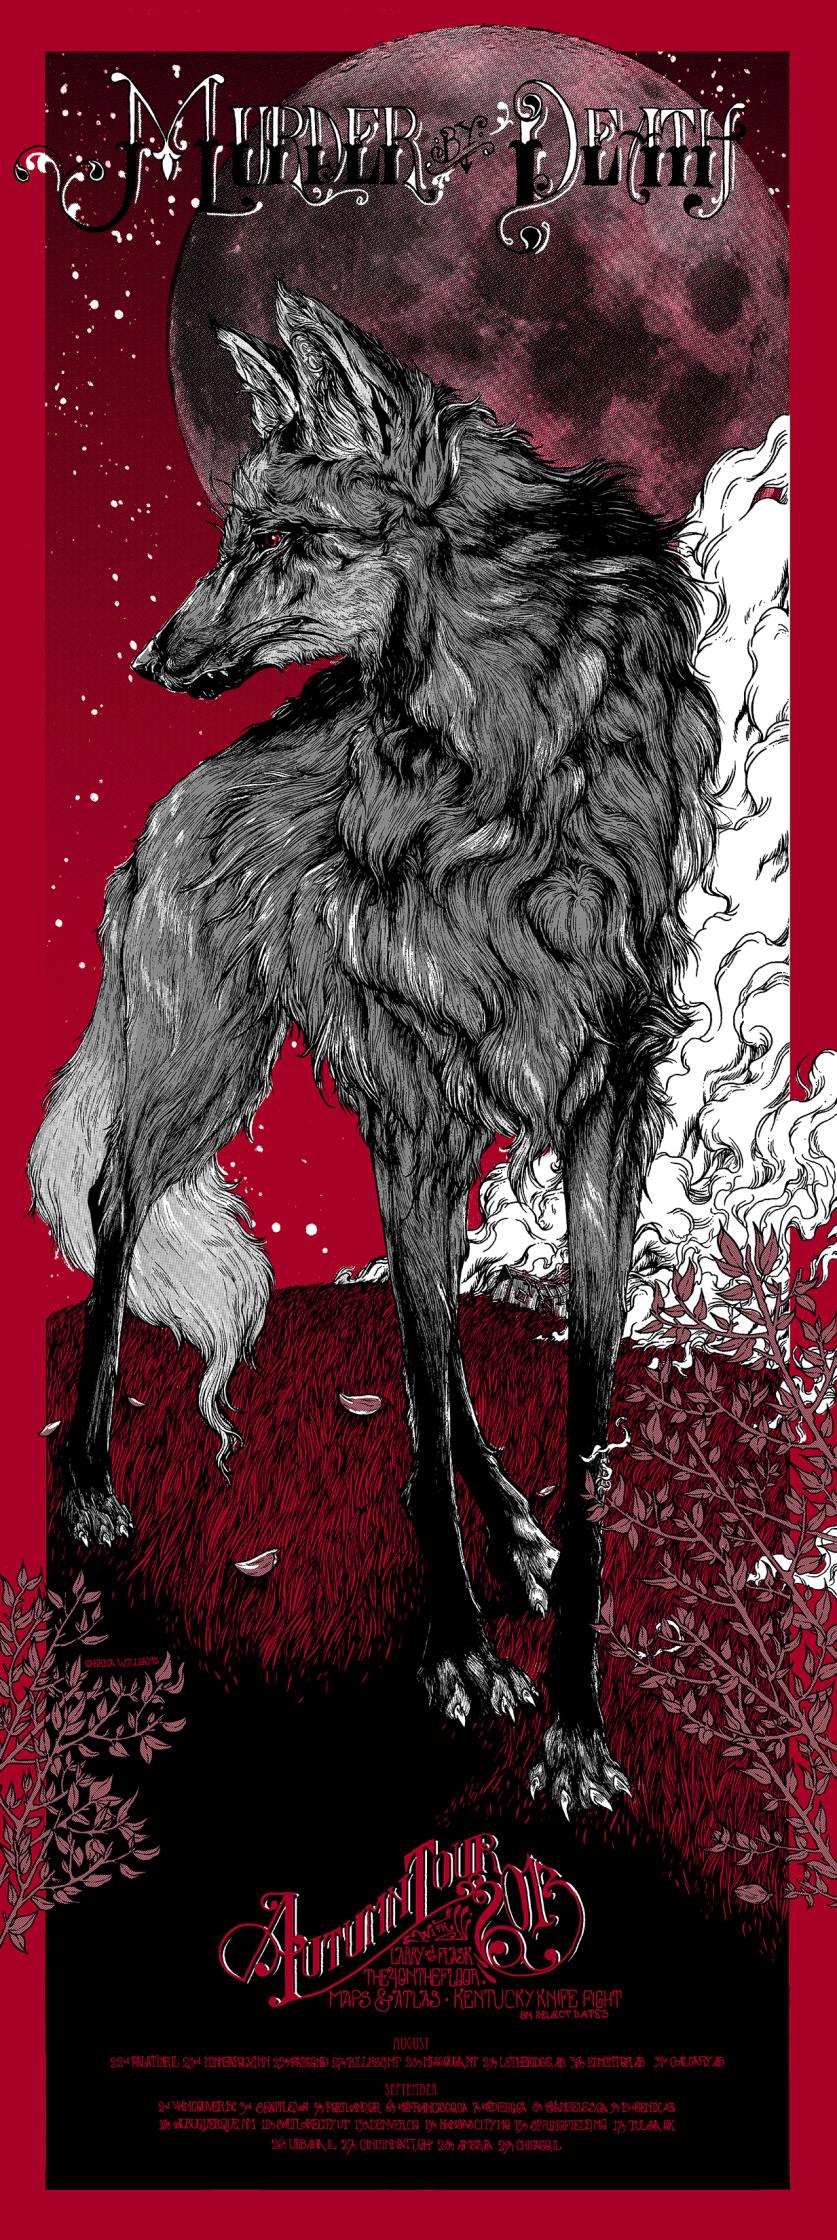 Murder By Death - Autumn 2013 Tour - Erica Williams.jpg